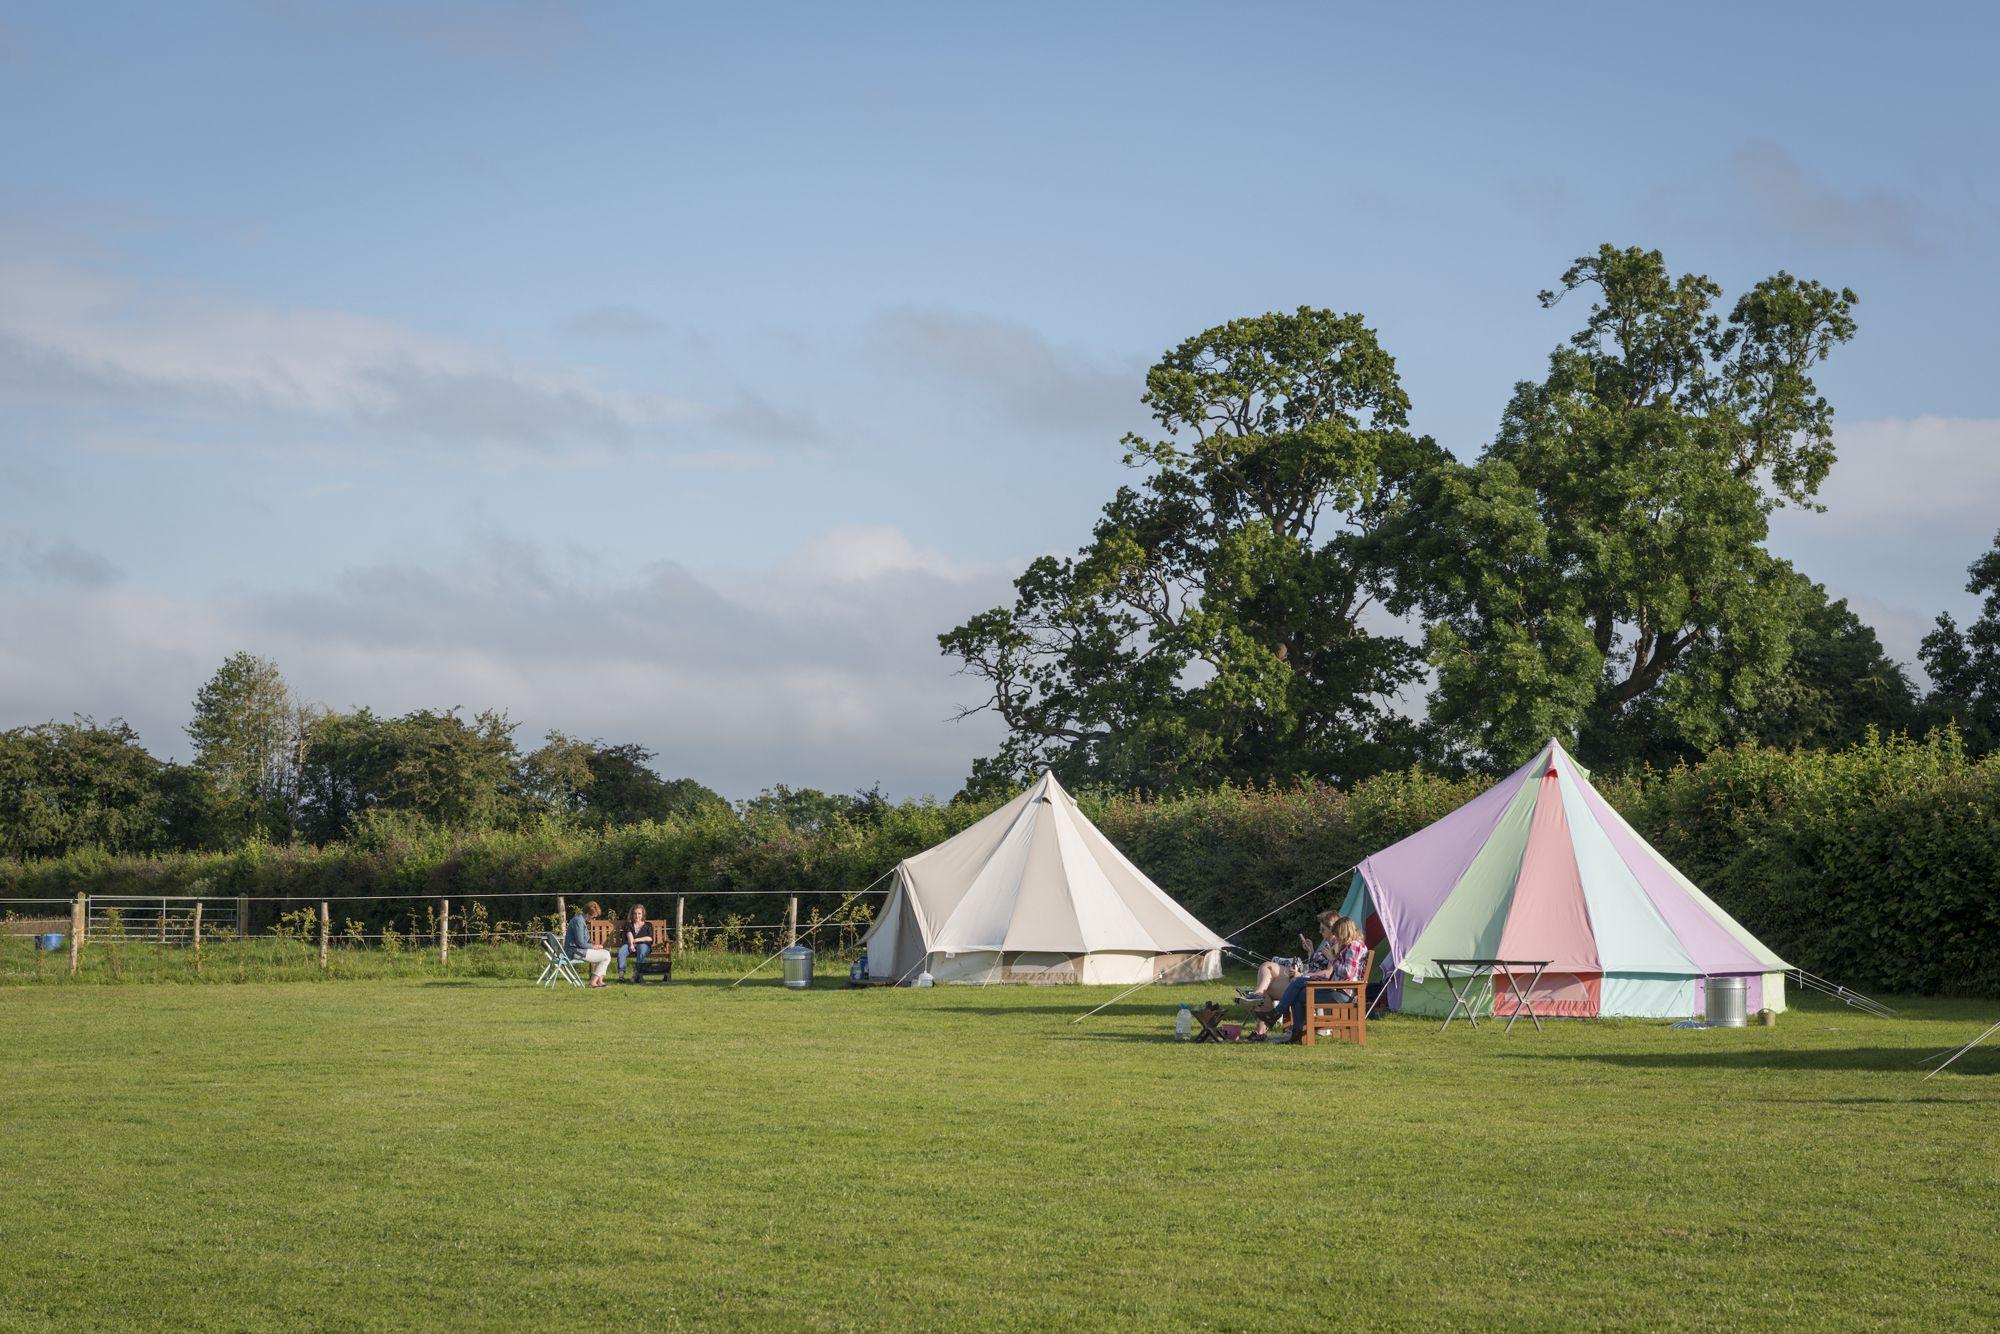 Botany C&ing & Campsites in Wiltshire u2013 Top-rated campsites in Wiltshire | Cool ...